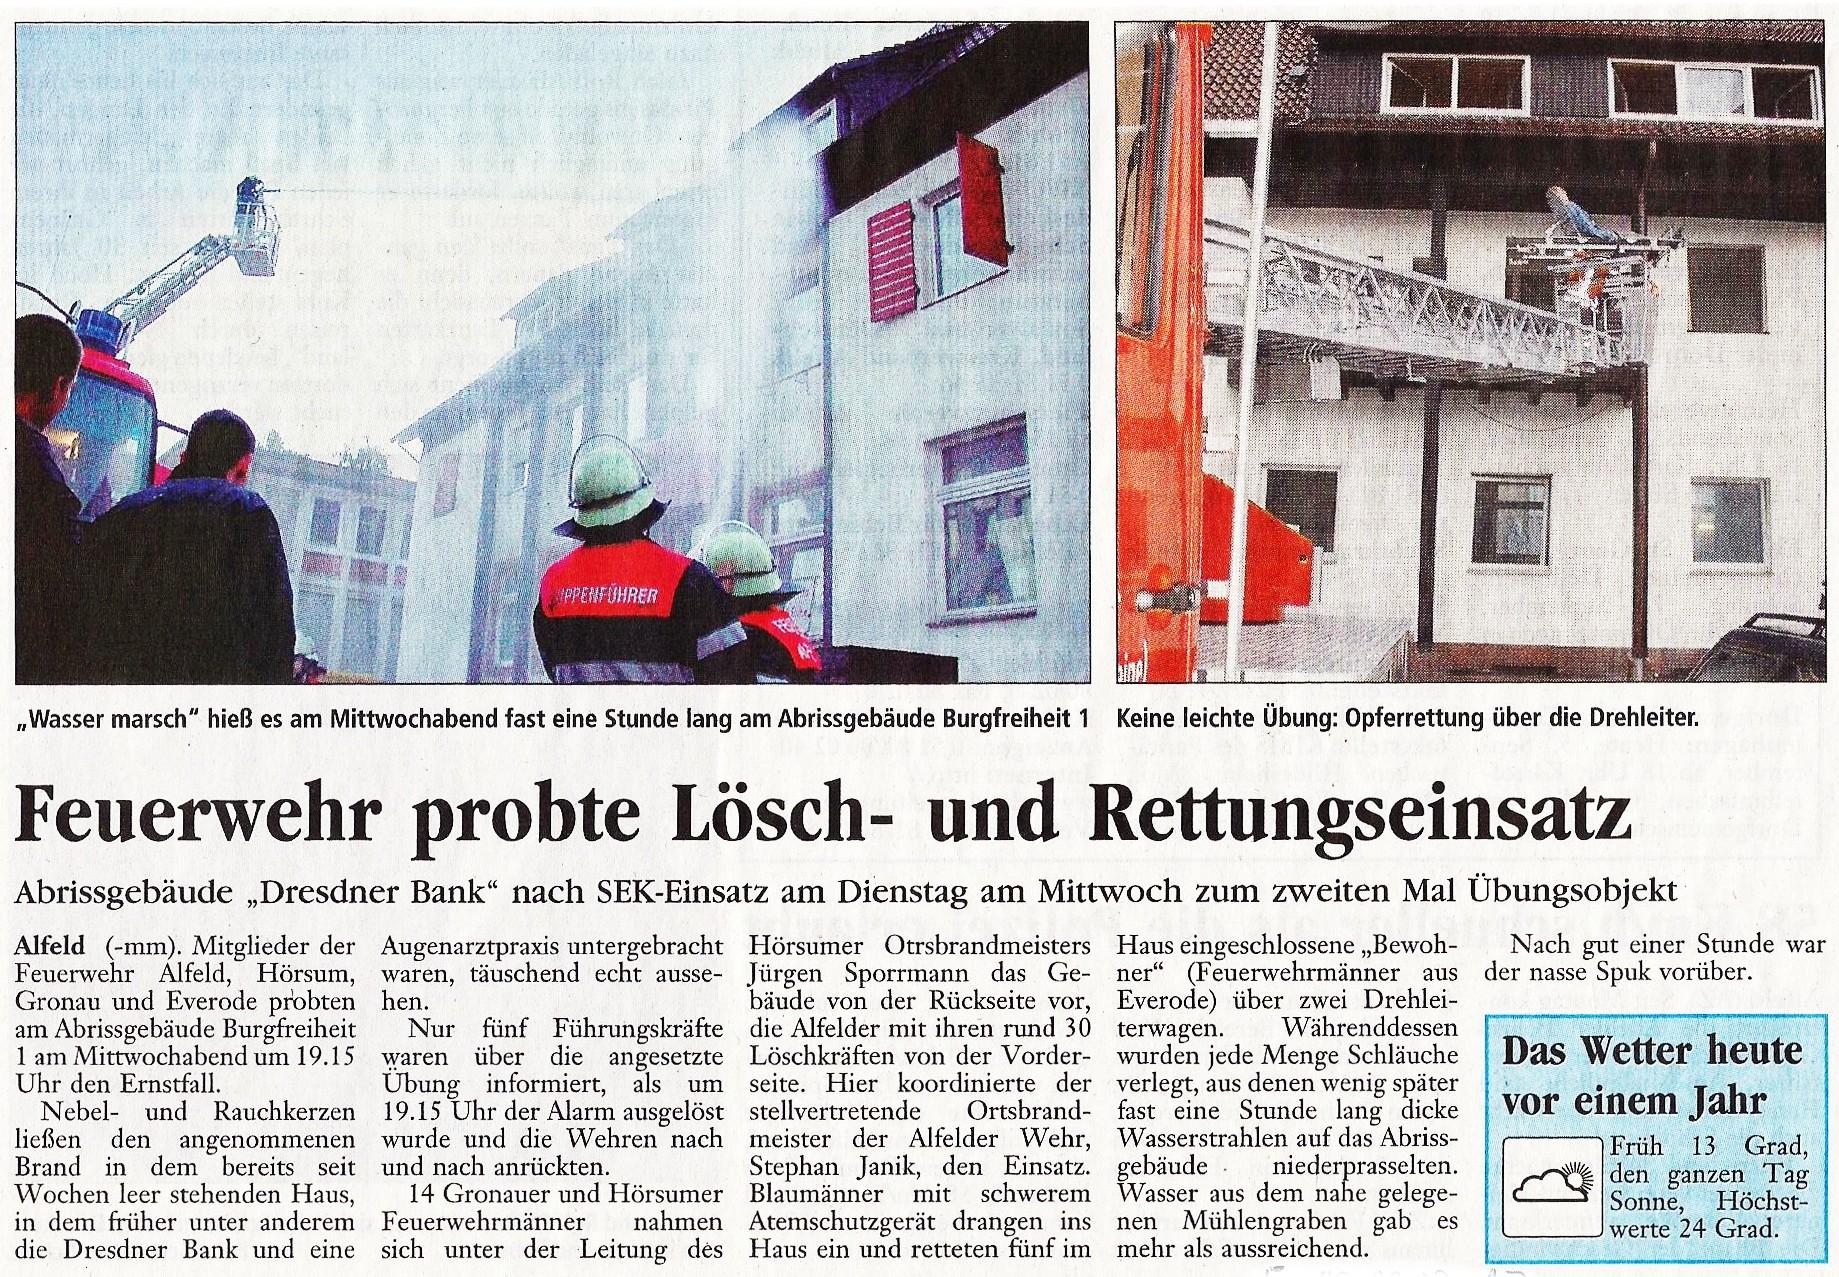 2003-09-06 Feuerwehr probte Lösch- und Rettungseinsatz